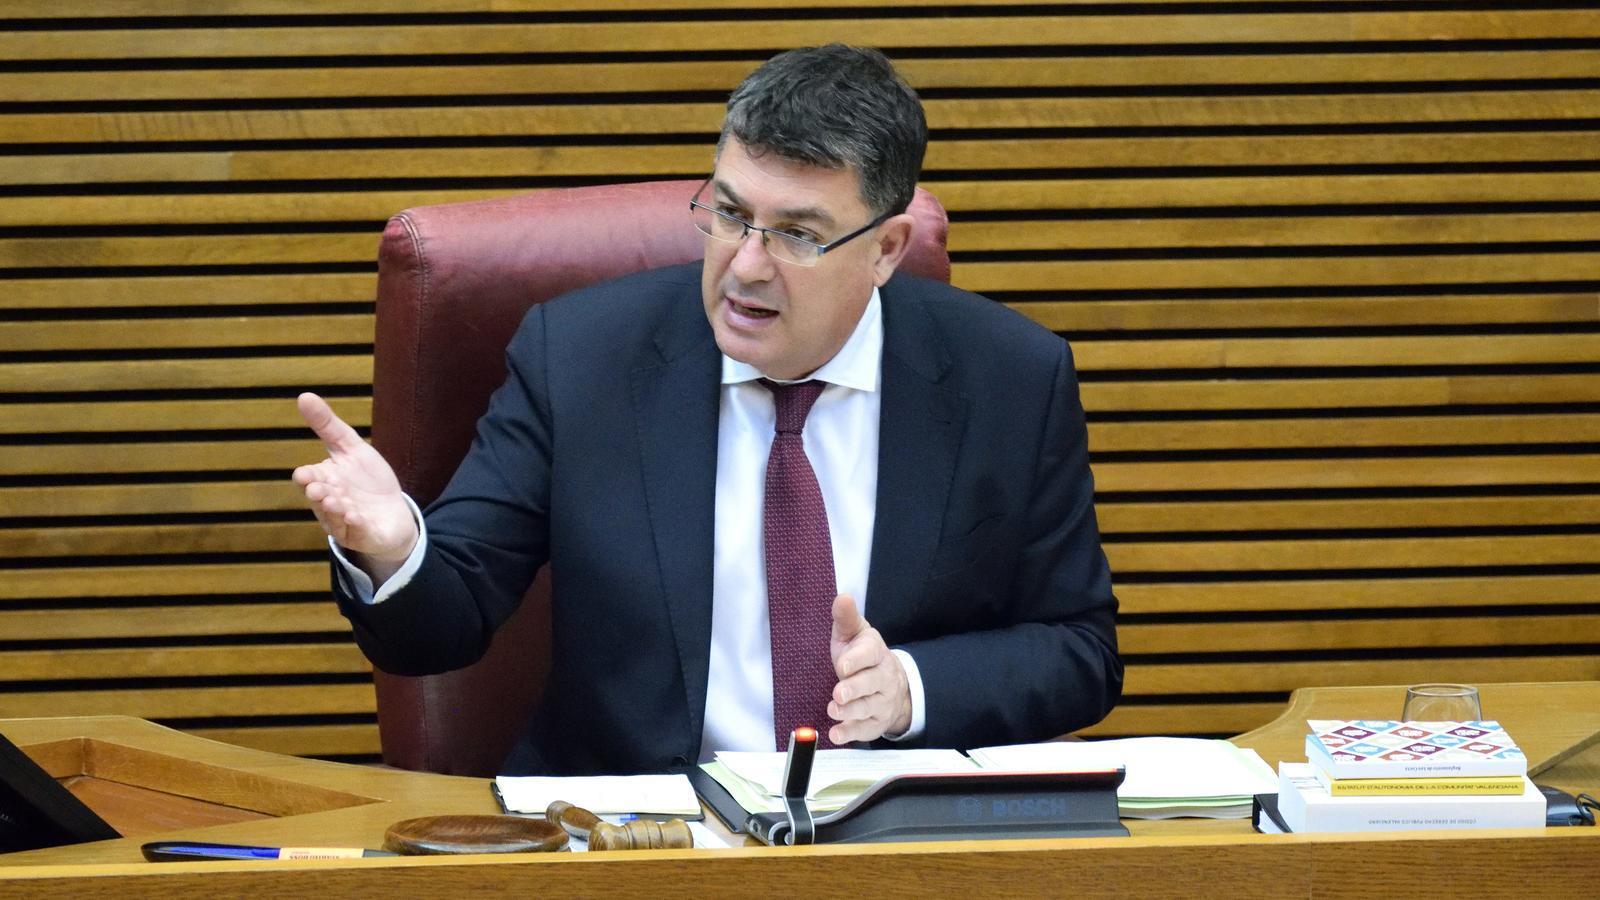 El president de les Corts Valencianes envia a la Fiscalia la petició de Vox d'informació personal de membres de col·lectius LGTBI